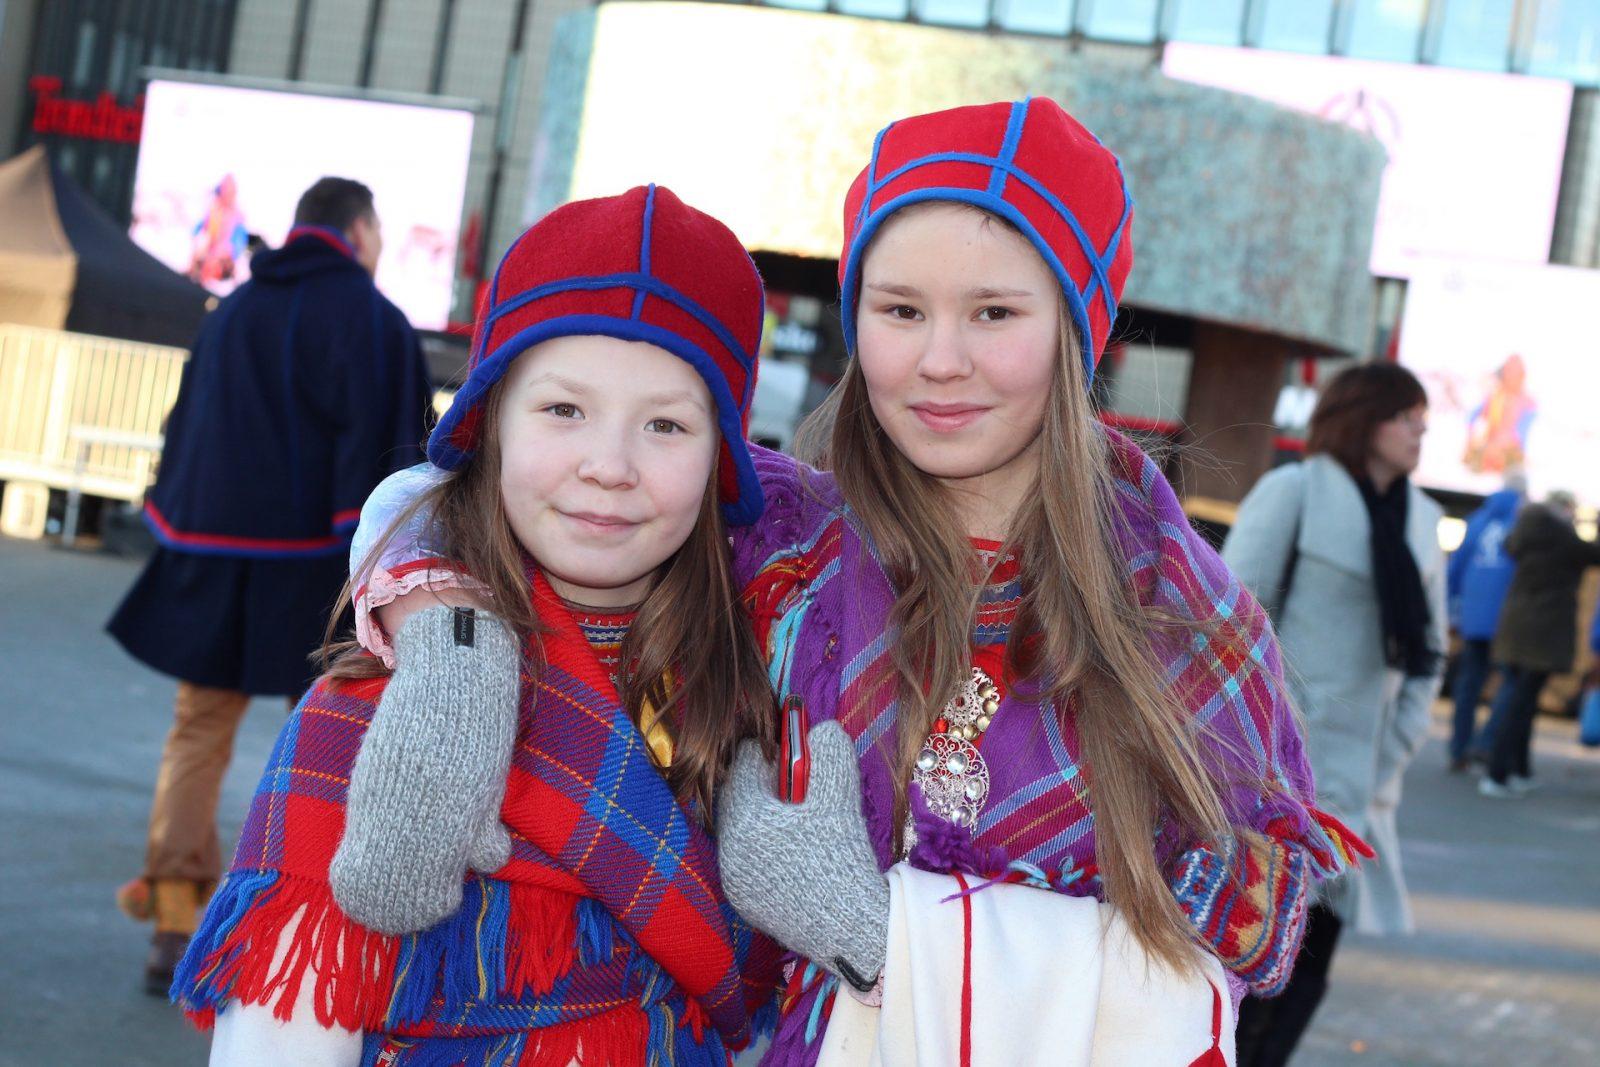 Fra åpningsdagen av den samiske jubileumsuka Tråante 2017 i Trondheim. Foto: Kjersti Lunden Nilsen.